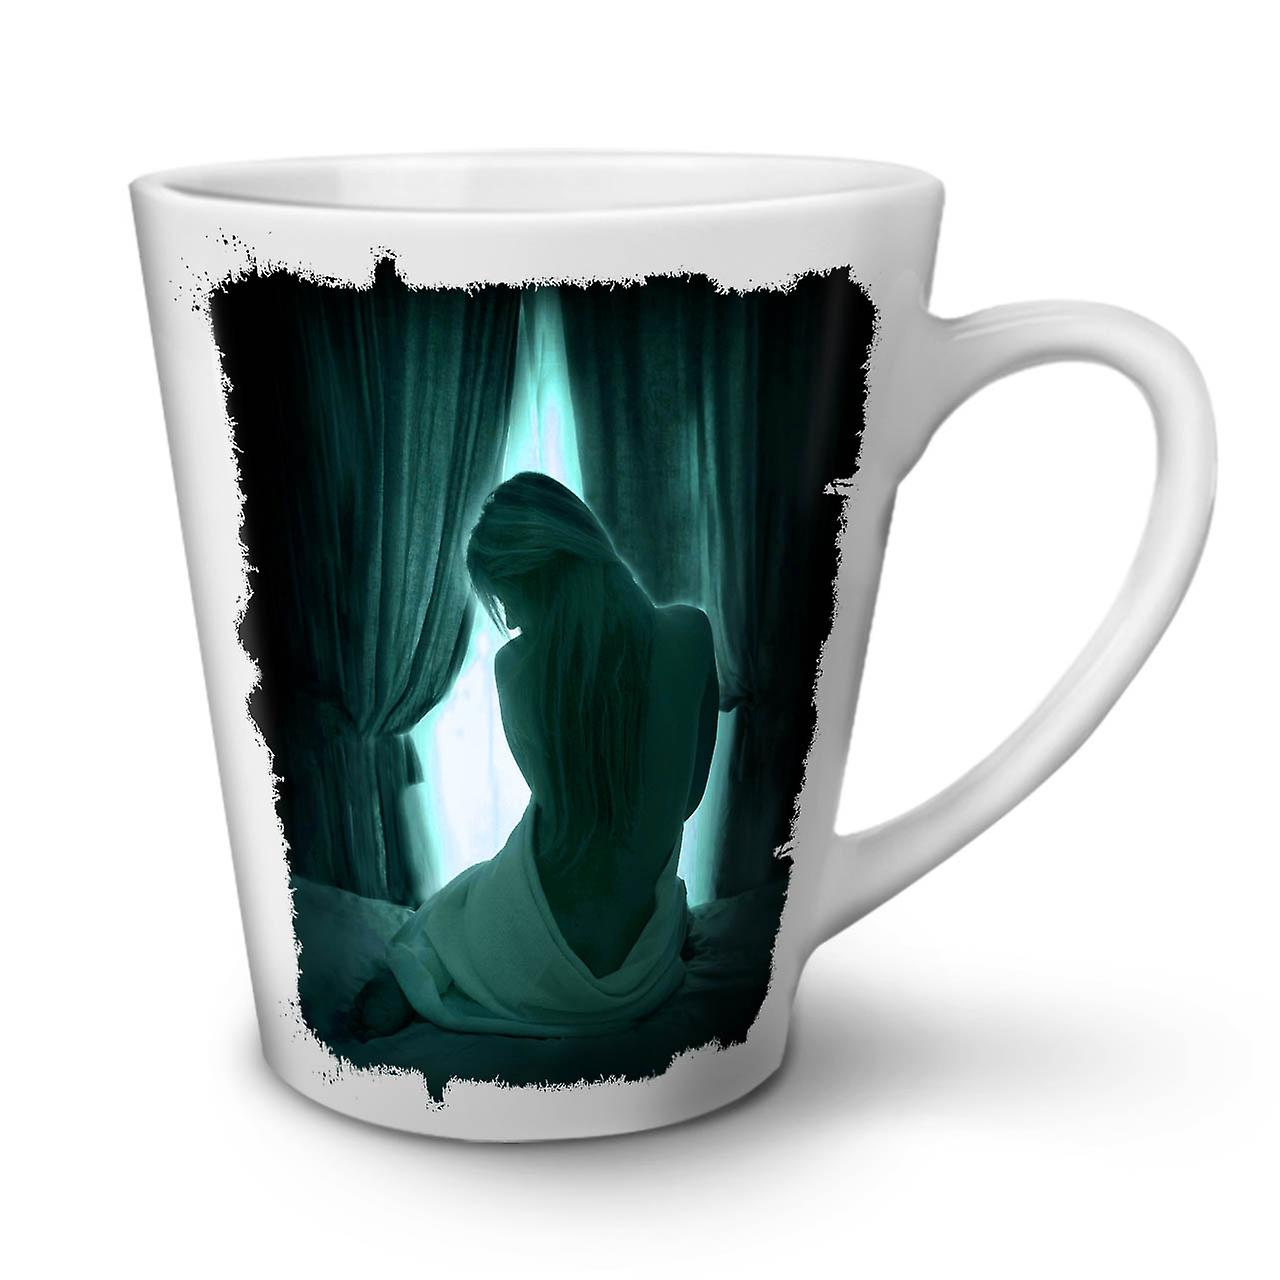 12 Mug Thé Nouveau Cool Latte Café OzWellcoda Blanc En Fille Jeune Céramique Mystique ZTiOkwPXu